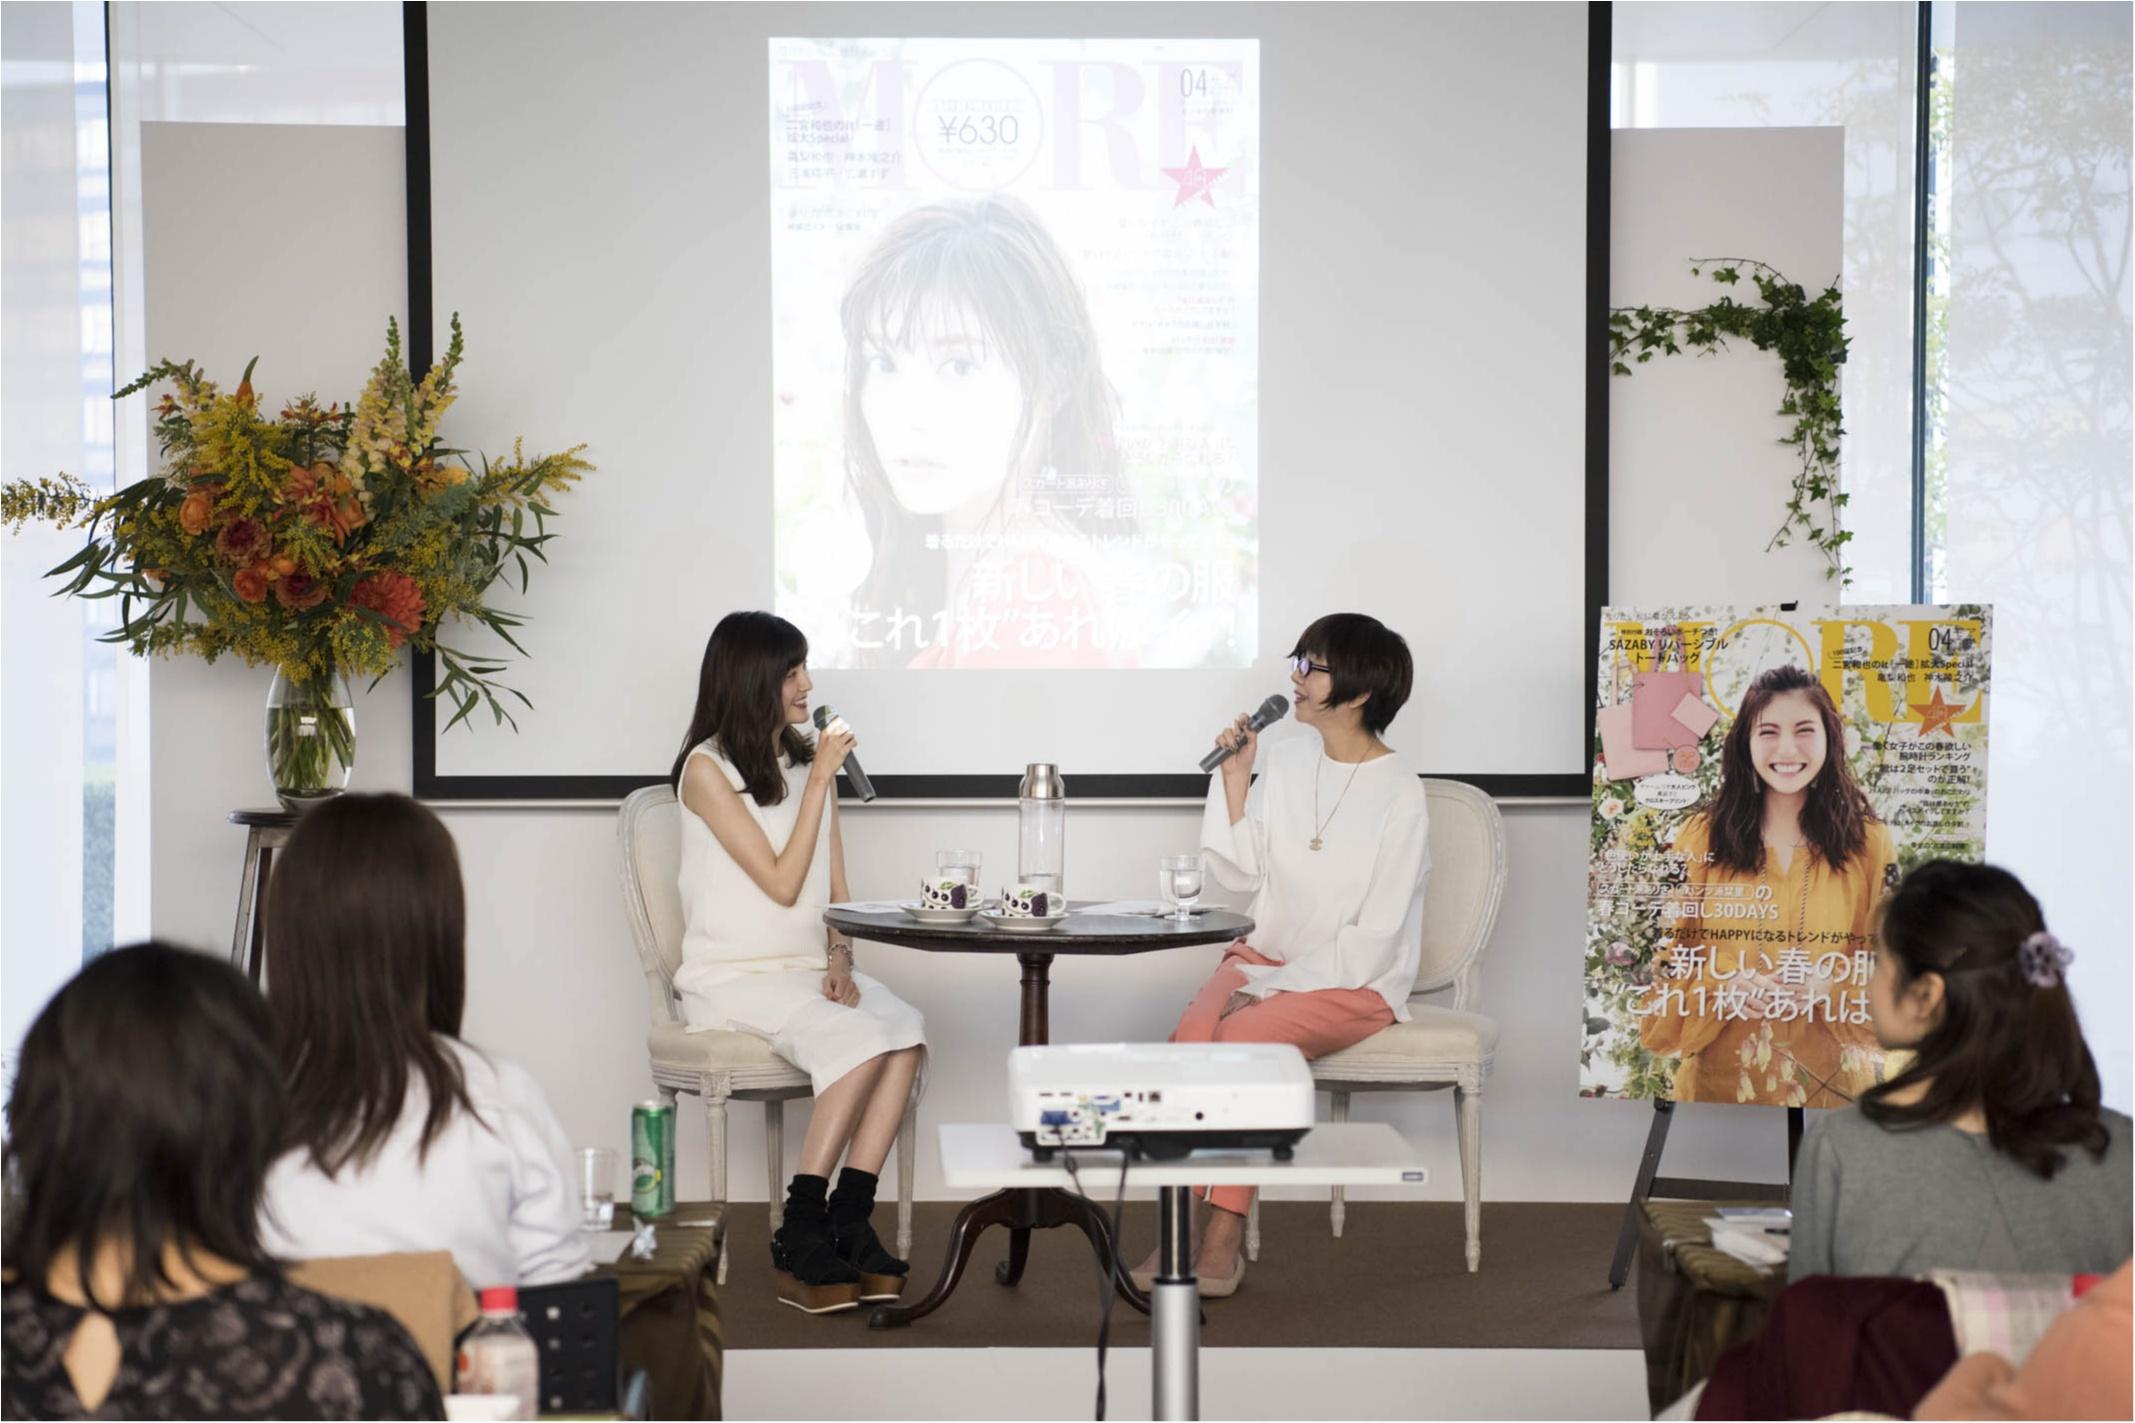 モデル佐藤ありさのこだわりがぎゅっ! 大人気ブランドの新作をイベントで発表しちゃいました☆_2